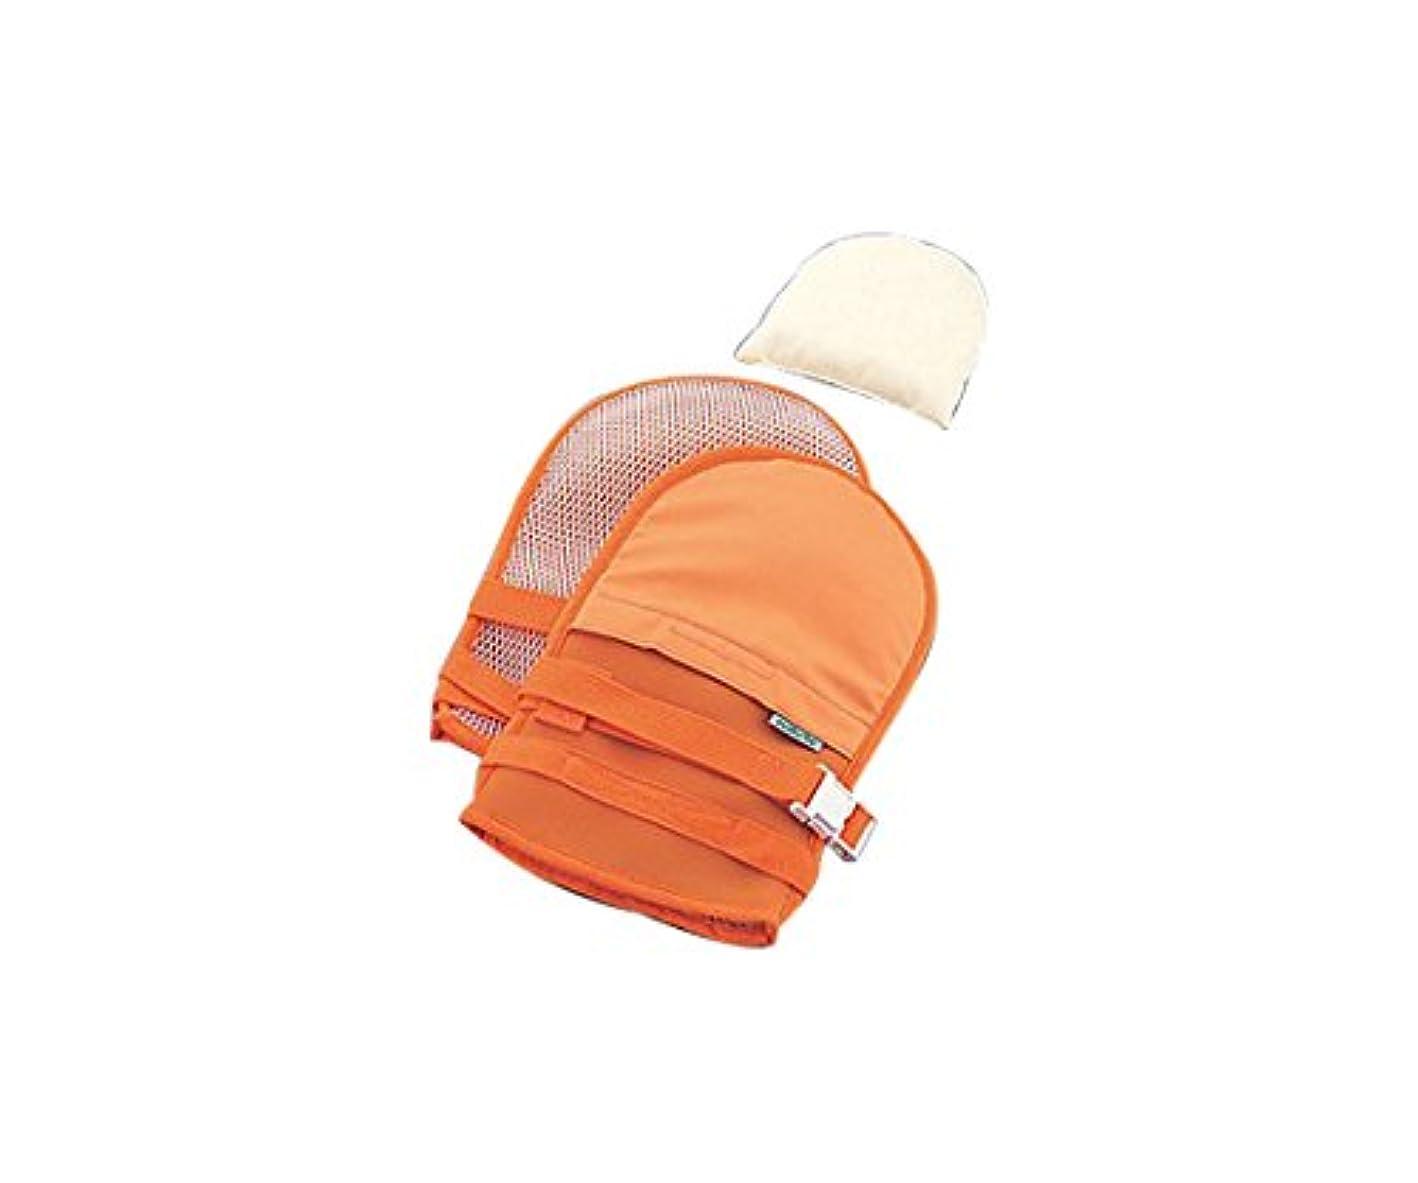 鉛胚芽高原ナビス(アズワン)0-1638-42抜管防止手袋中メッシュオレンジ